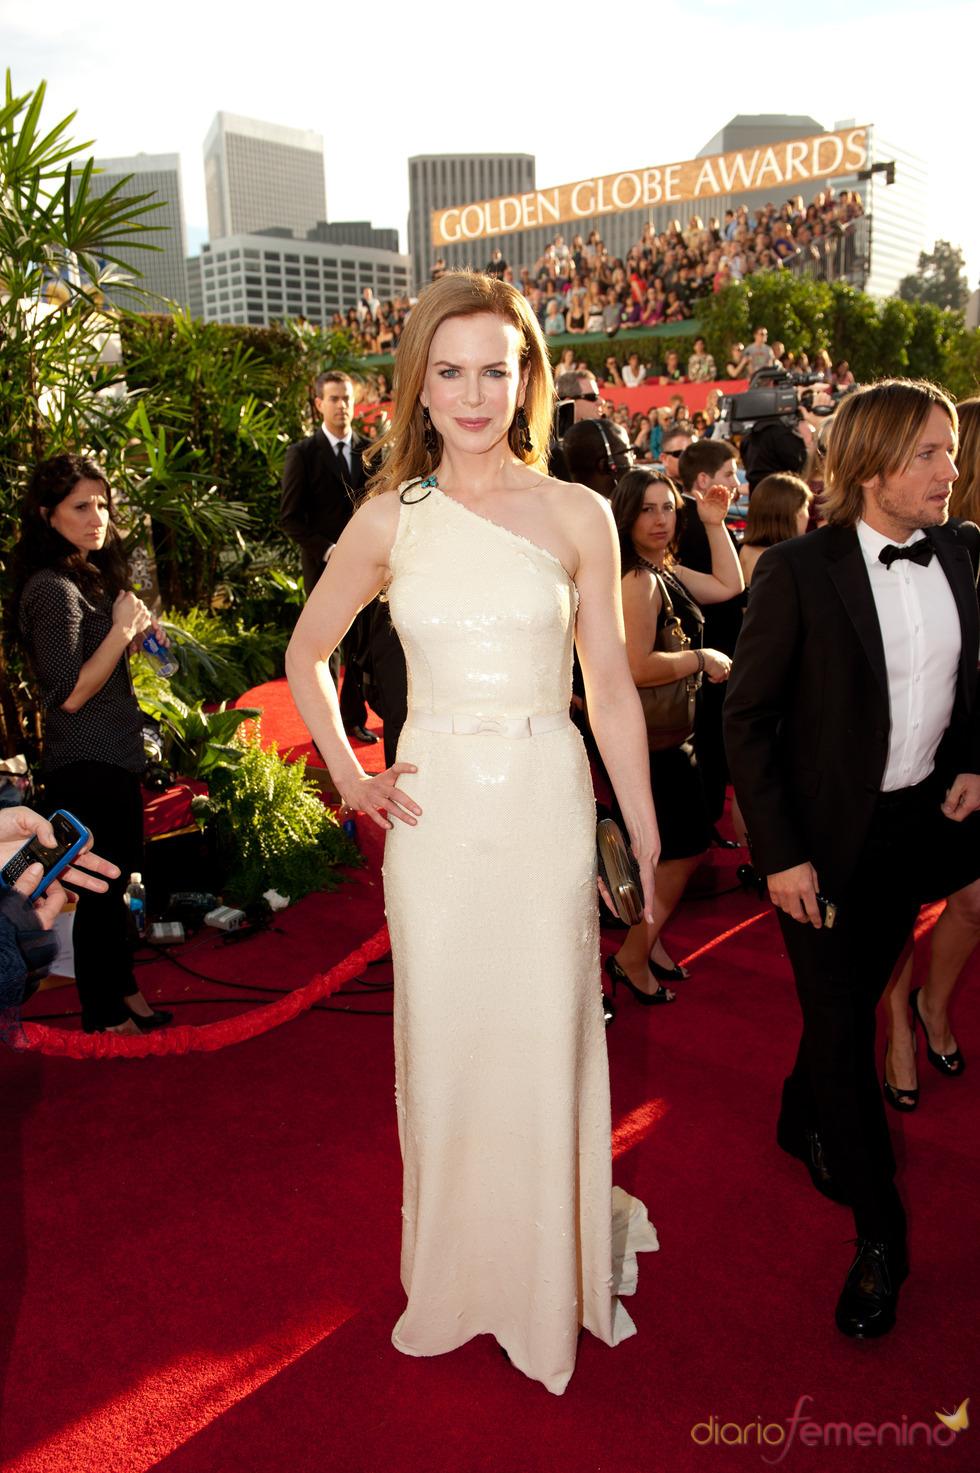 Nicole Kidman en la alfombra roja de los Globos de oro 2011